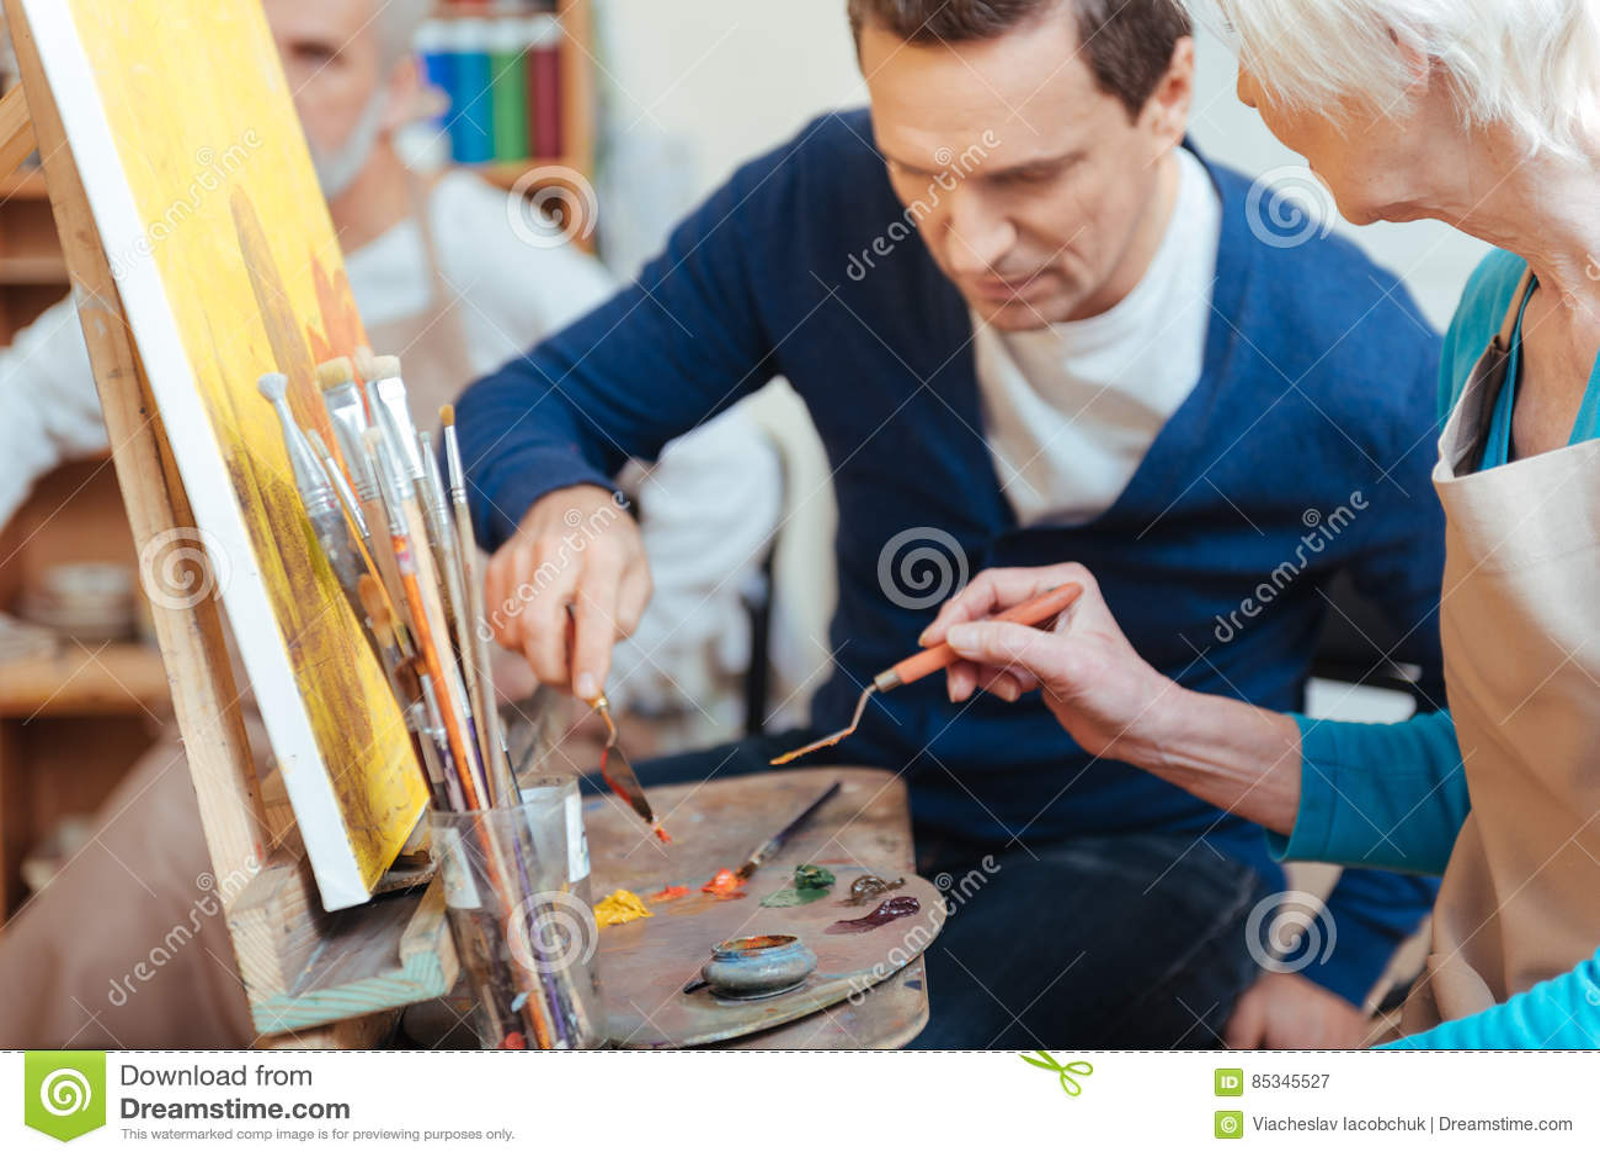 Ευχαριστημένος καλλιτέχνης που βοηθά την ηλικιωμένη γυναίκα στη ζωγραφική